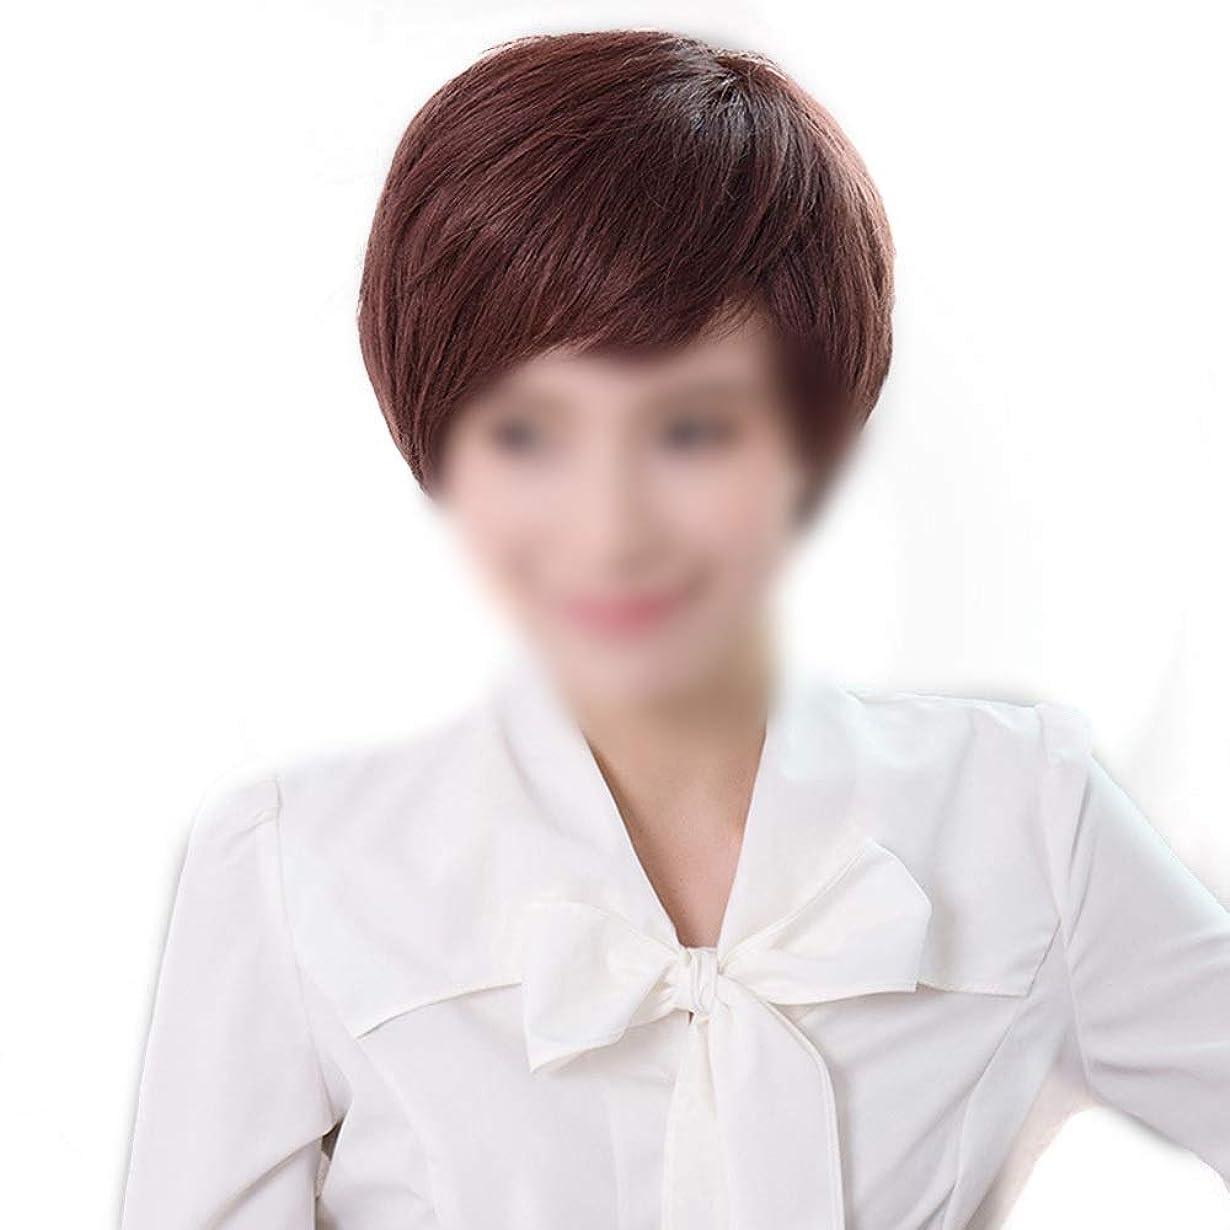 裁判官ワット楕円形BOBIDYEE リアルヘア編み耳ショートカーリーヘアふわふわナチュラルファッションウィッグ女性用デイリードレスパーティーウィッグ (Color : Dark brown, サイズ : Hand-needle)